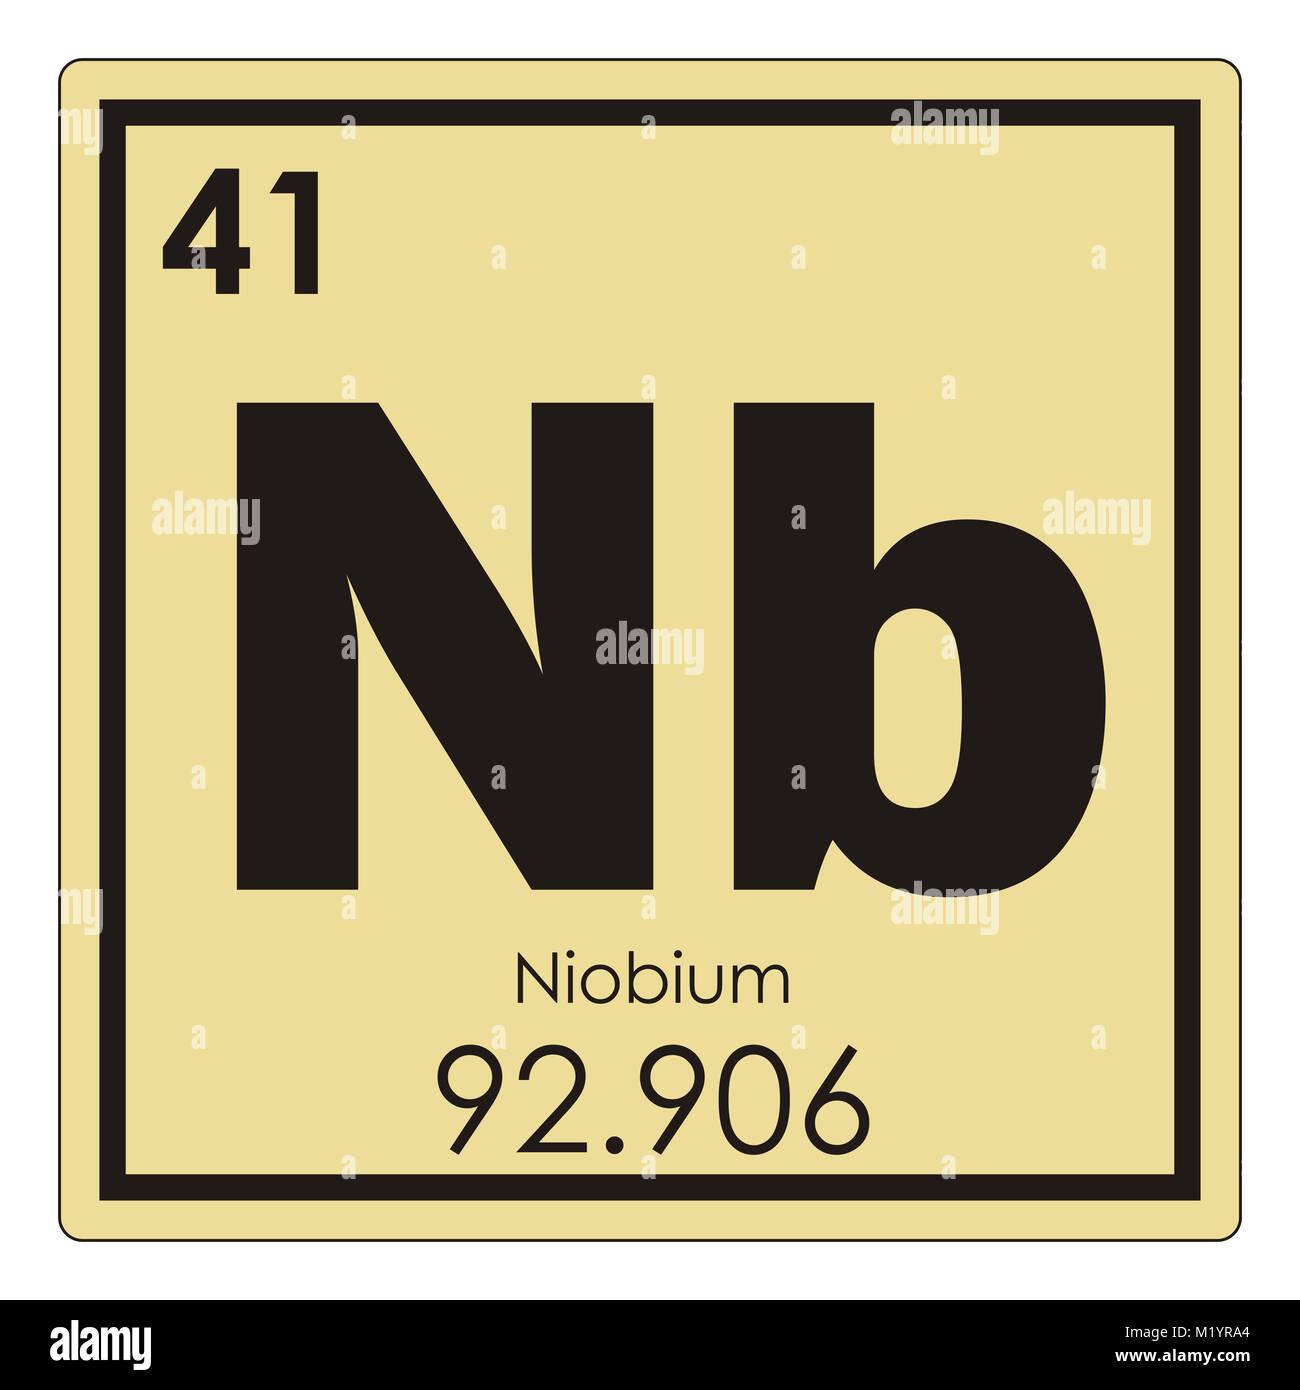 Tabla peridica de elementos qumicos de niobio smbolo de ciencia tabla peridica de elementos qumicos de niobio smbolo de ciencia urtaz Gallery